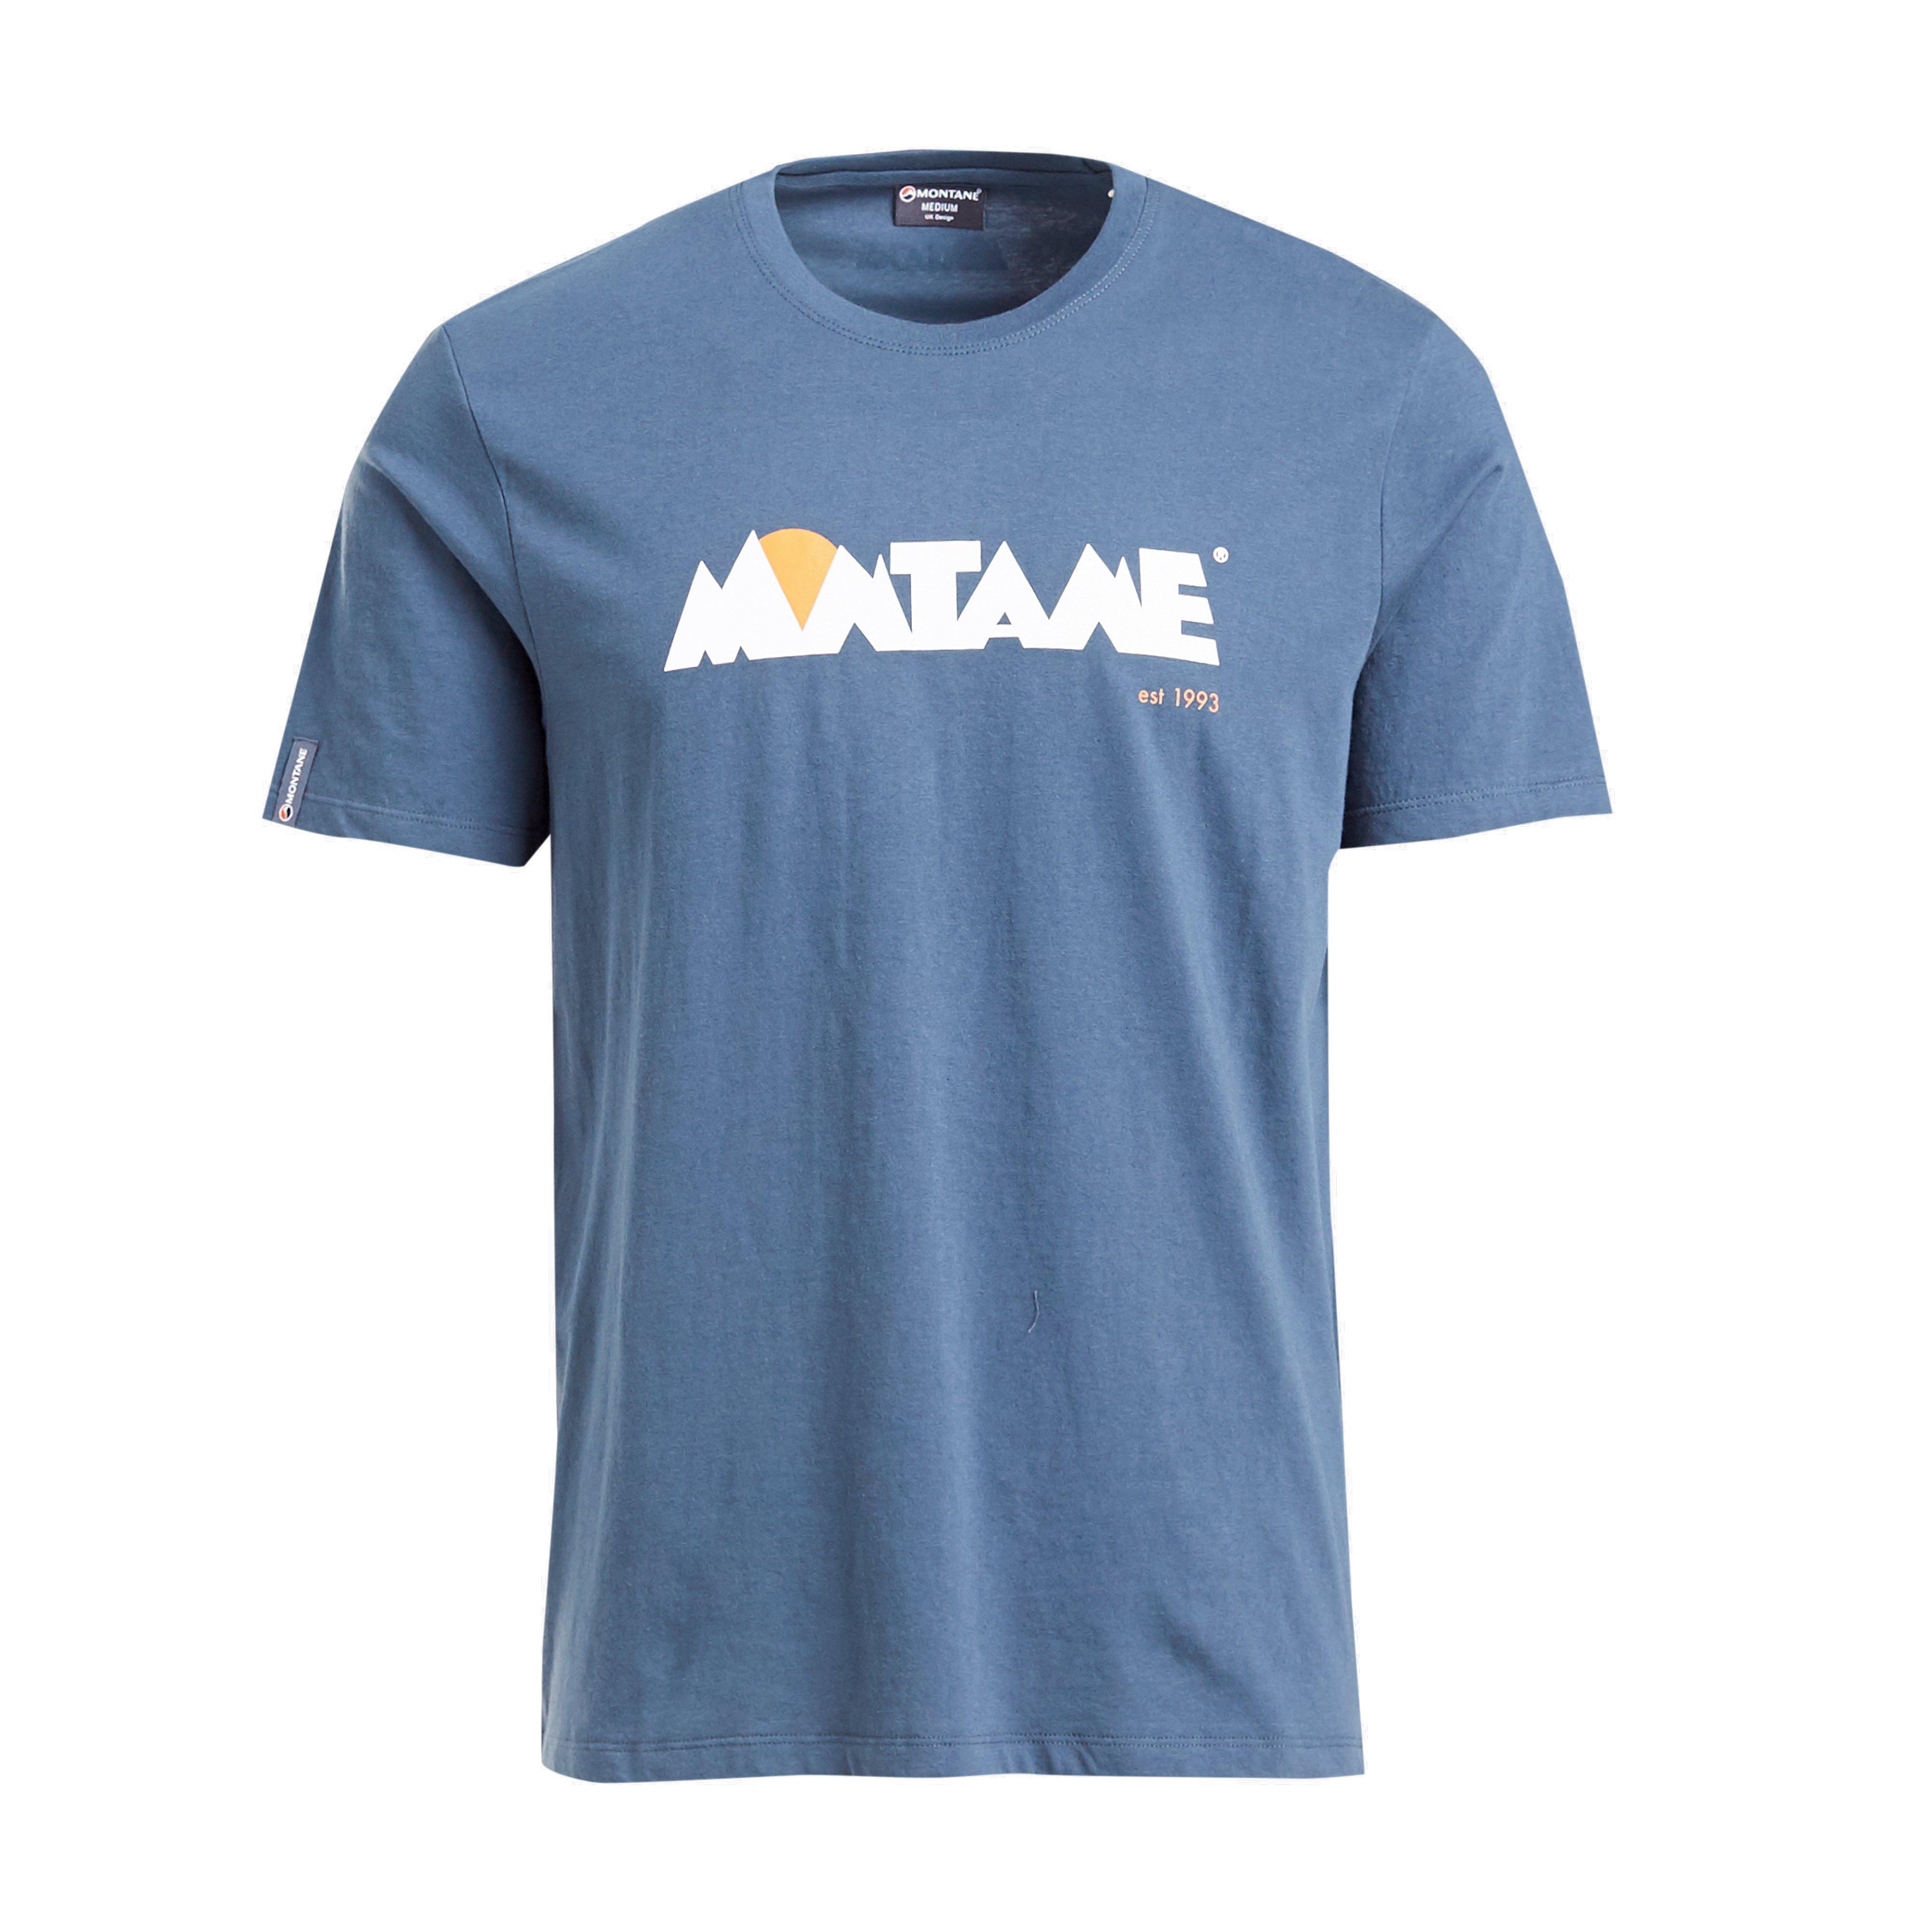 Montane Montane Mens 1993 Tee, Blue